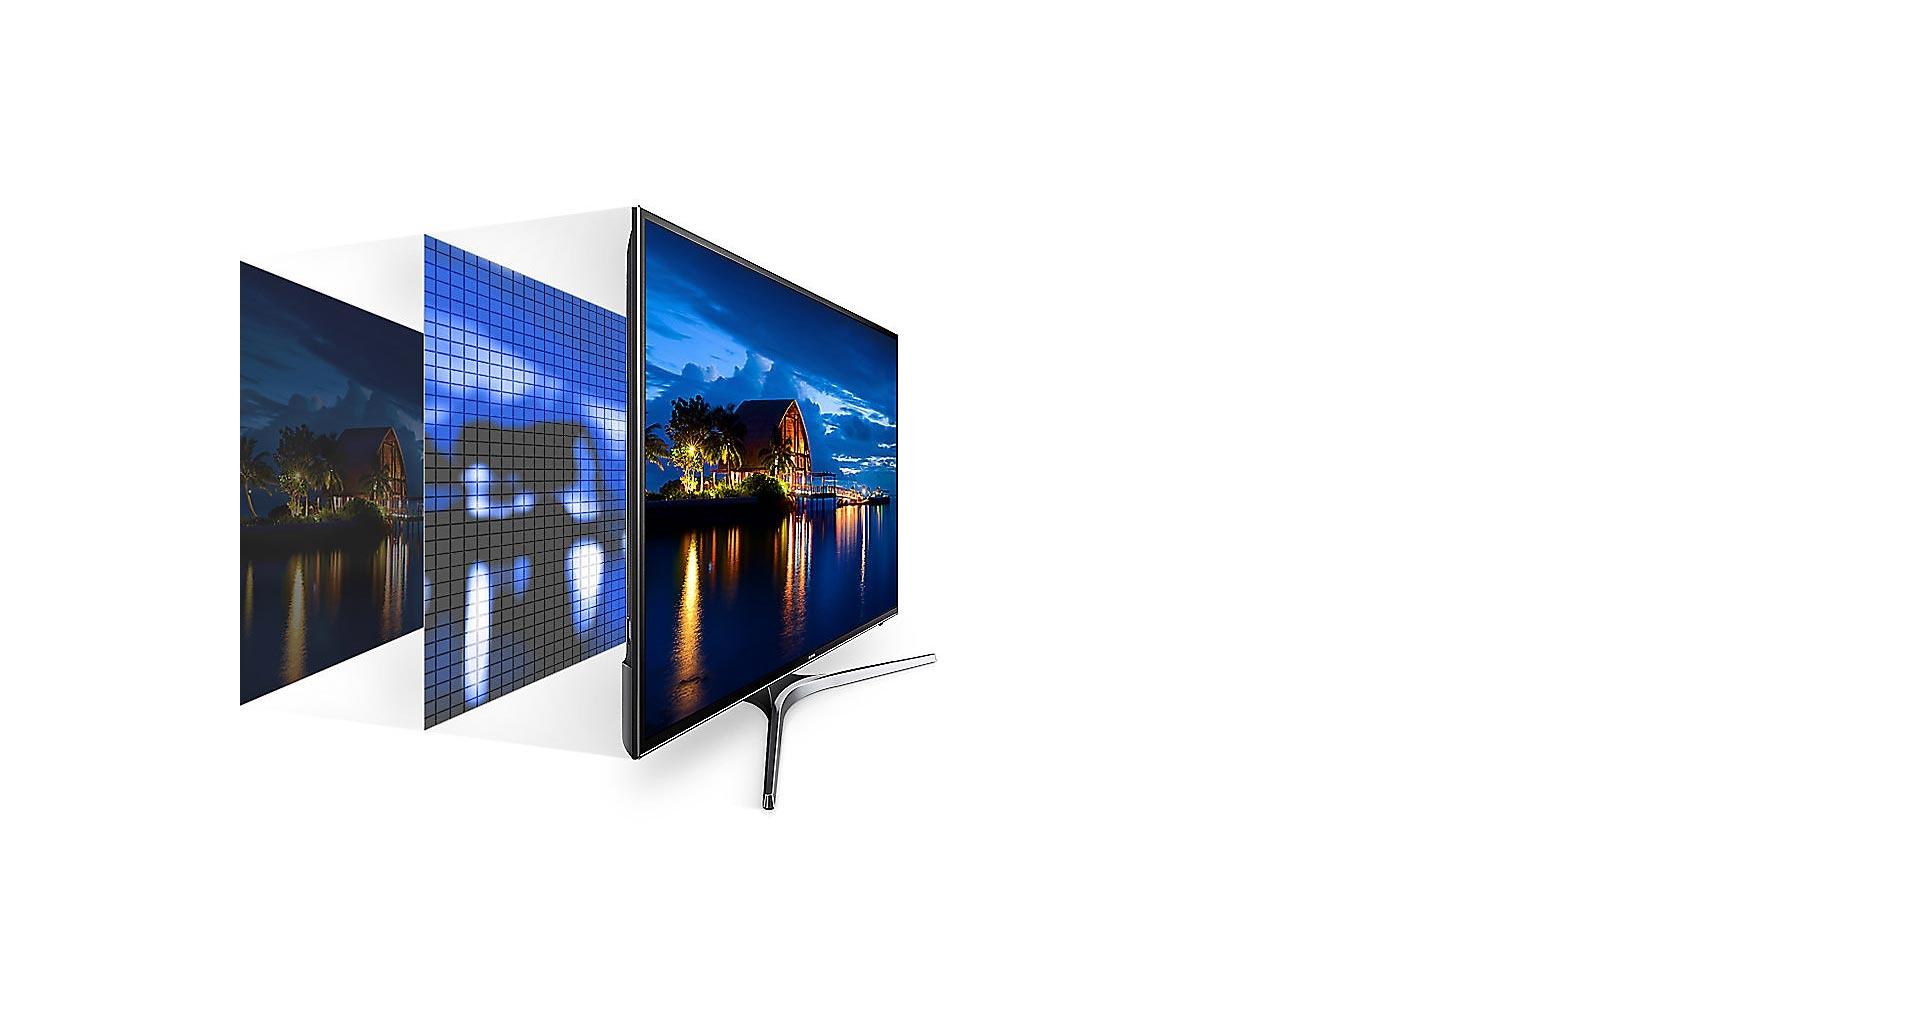 تنظیم نقطه ای نور UHD در تلویزیون MU7980